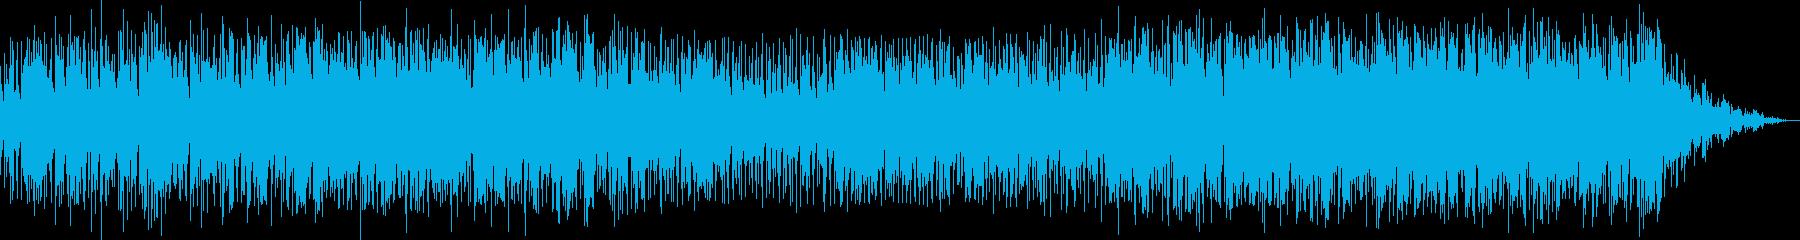 明るくおしゃれに奏でるモダン・ロックの再生済みの波形